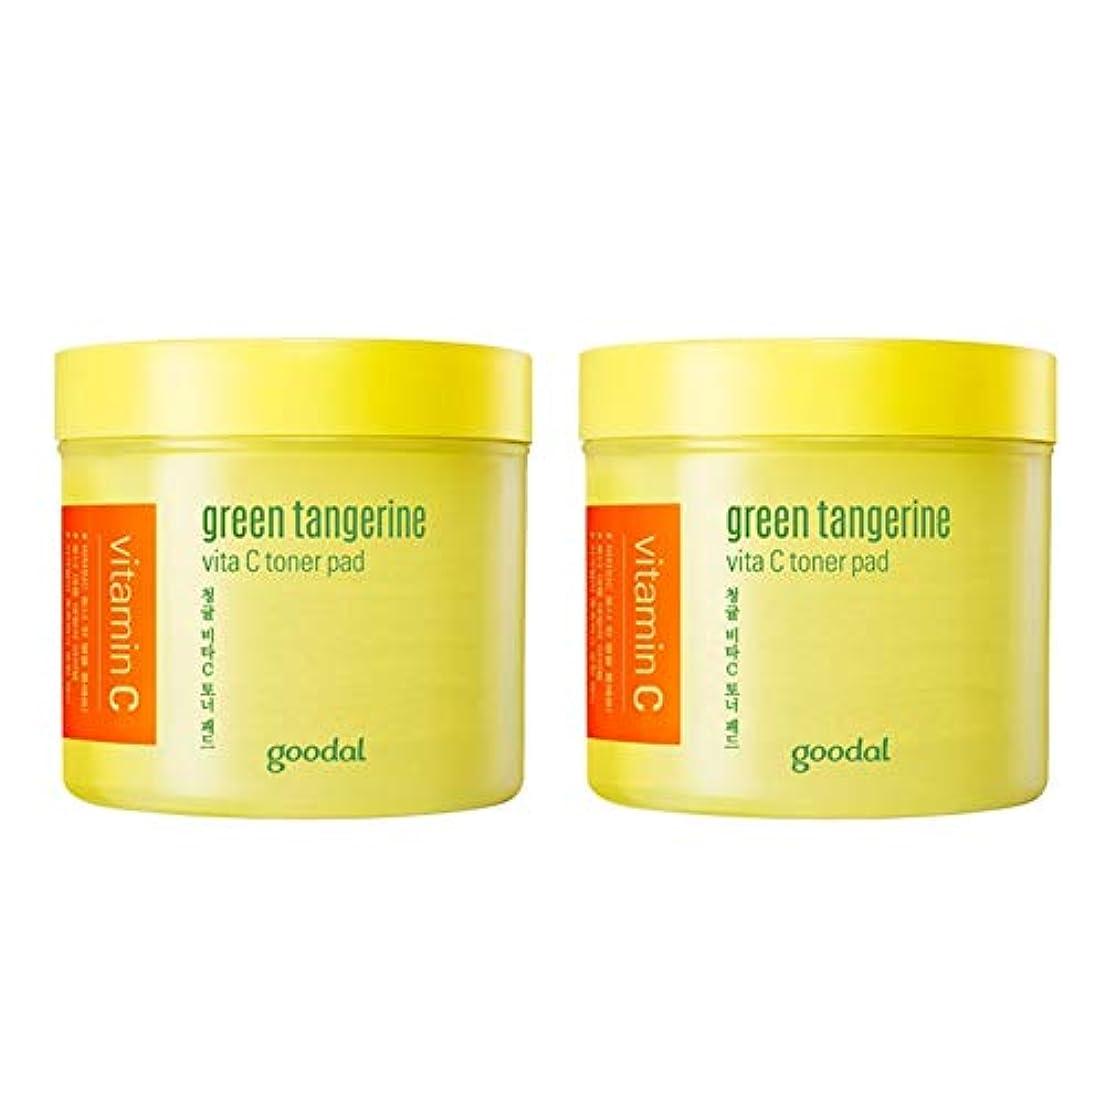 家庭誰が争いグドール青みかんヴィータCトナーパッド70px2本セット質除去、水分供給 韓国コスメ 、Goodal Green Tangerine Vita C Toner Pad 70p x 2ea Set Korean Cosmetics...